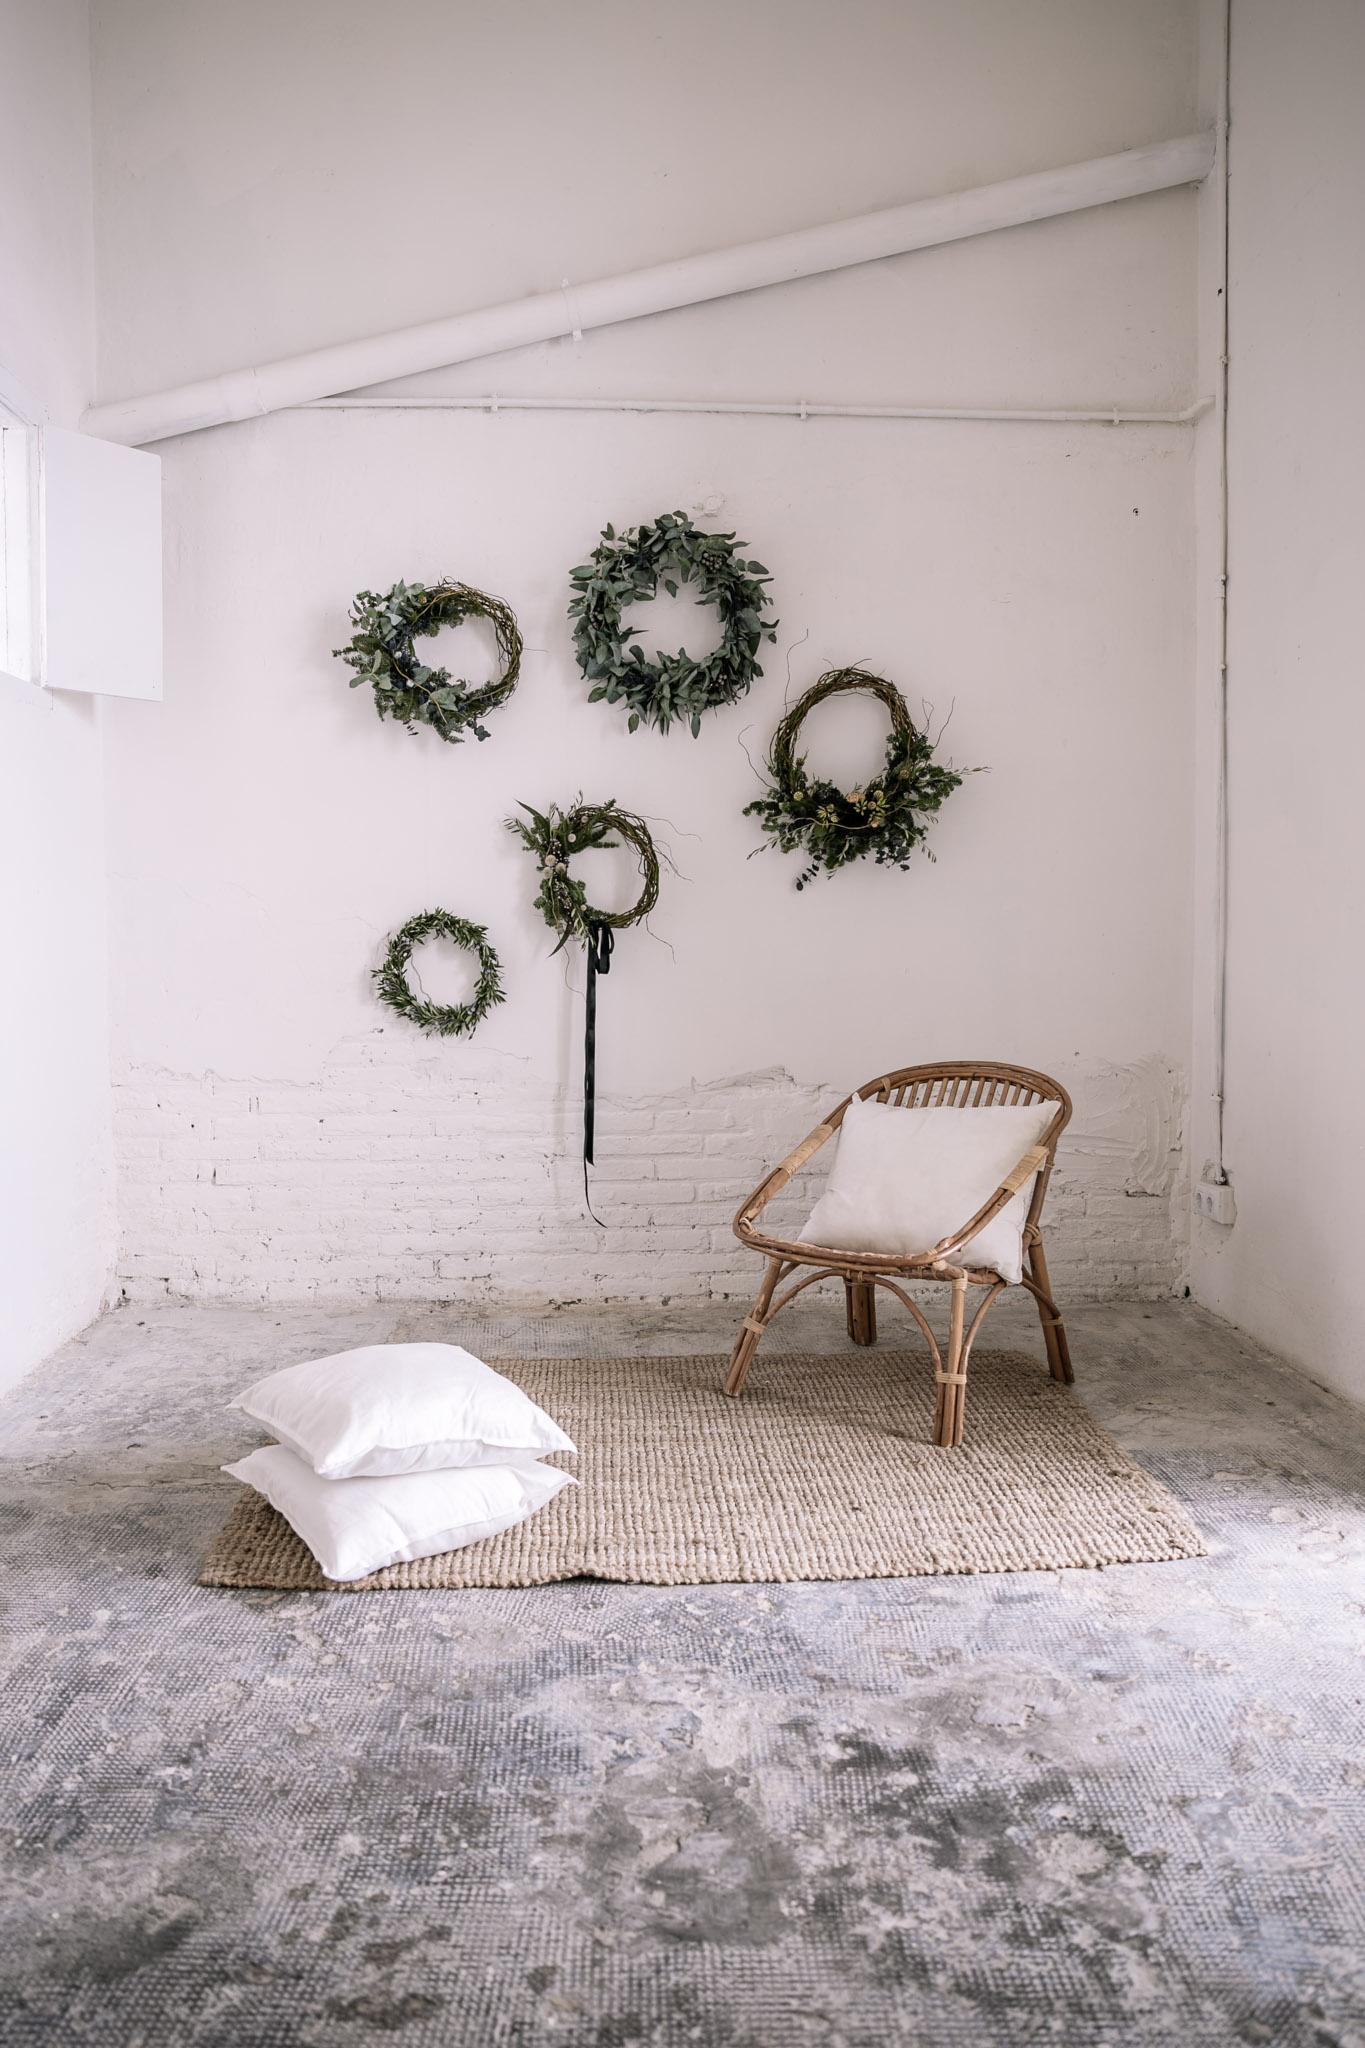 Sala diáfana y vacía pintada en blanco lista para ser reinterpretada - Espacio de 25 metros cuadrados.Conjunto de estanterías.